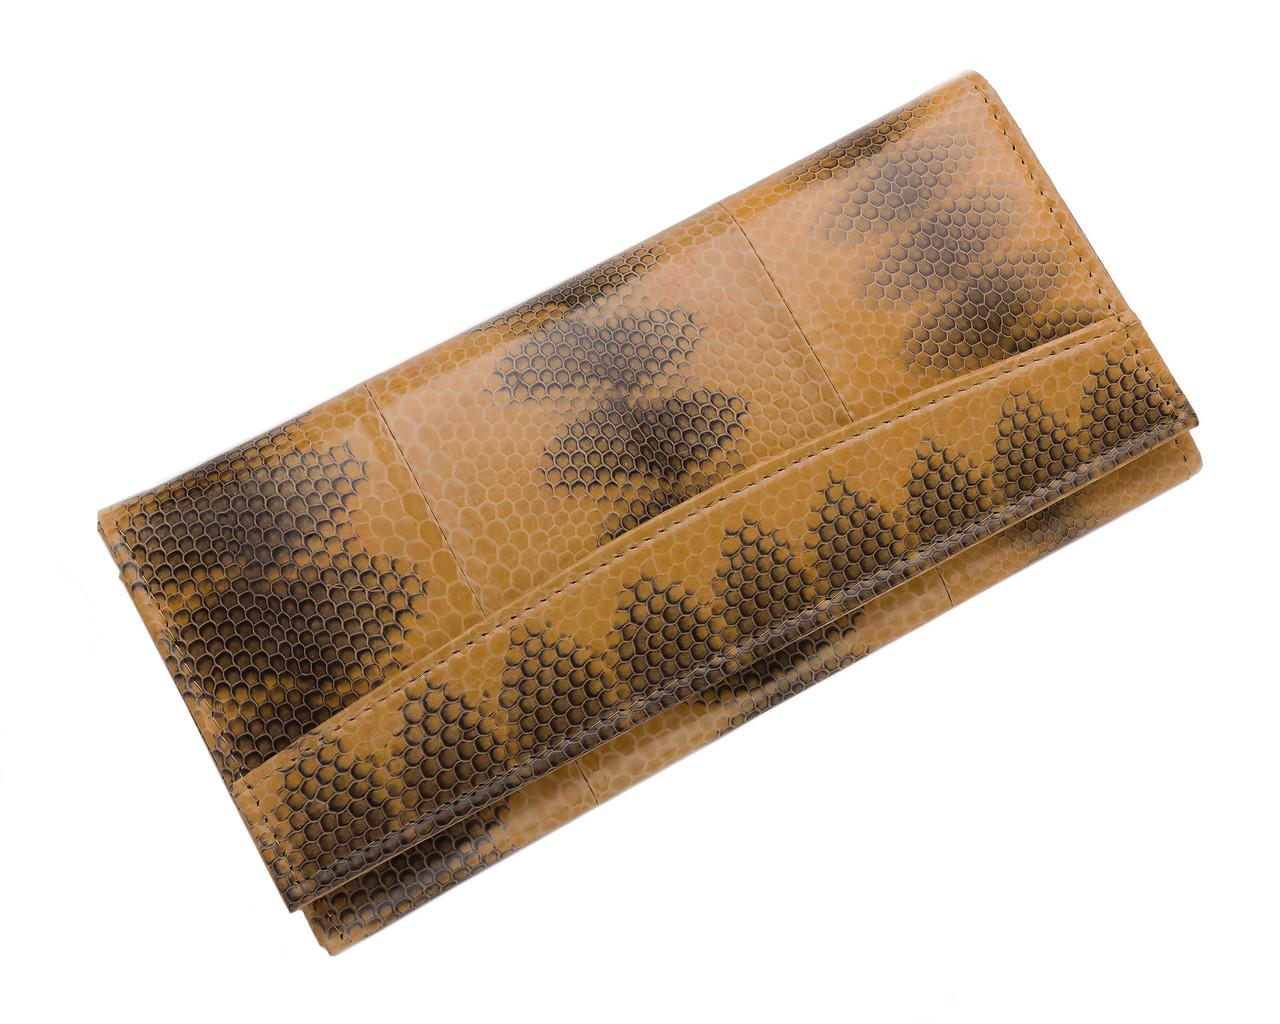 Кошелек женский  Ekzotic Leather из натуральной кожи морской змеи Коричневый (snw 41_1), фото 1